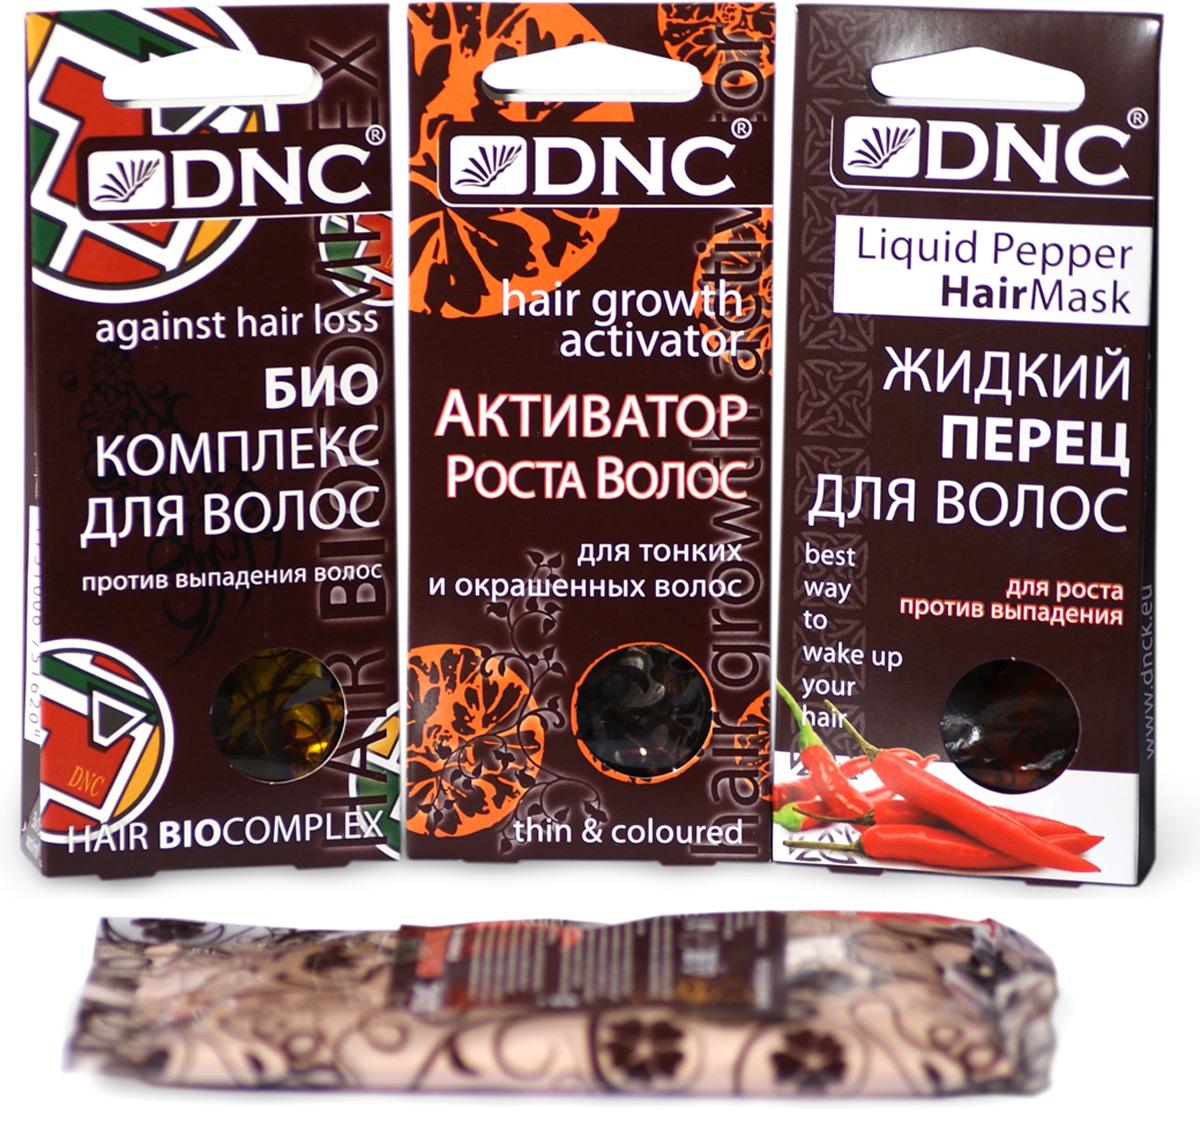 DNC-Nabor-ZHidkij-perec-dlya-volos-45-ml-Aktivator-dlya-tonkih-i-okrashennyh-volos-45-ml-Biokompleks-protiv-vypadeniya-volos-45-ml--Podarok-Krasnyj-pe